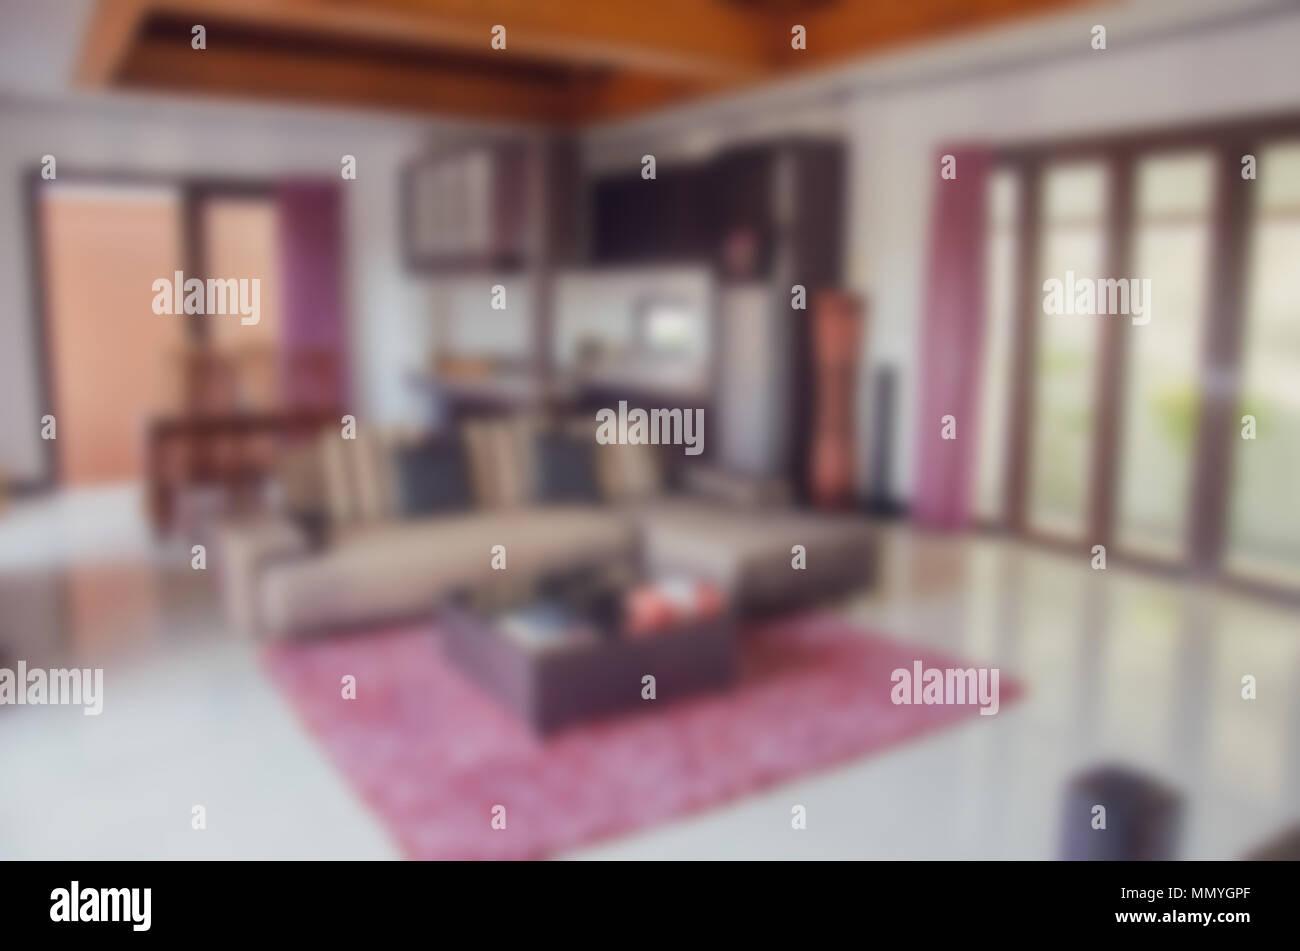 Excellent Blur Abstrakte Wohnzimmer Dekoration Interieur Fr Hintergrund  Stockbild With Wohnzimmer Bilder Fur Hintergrund